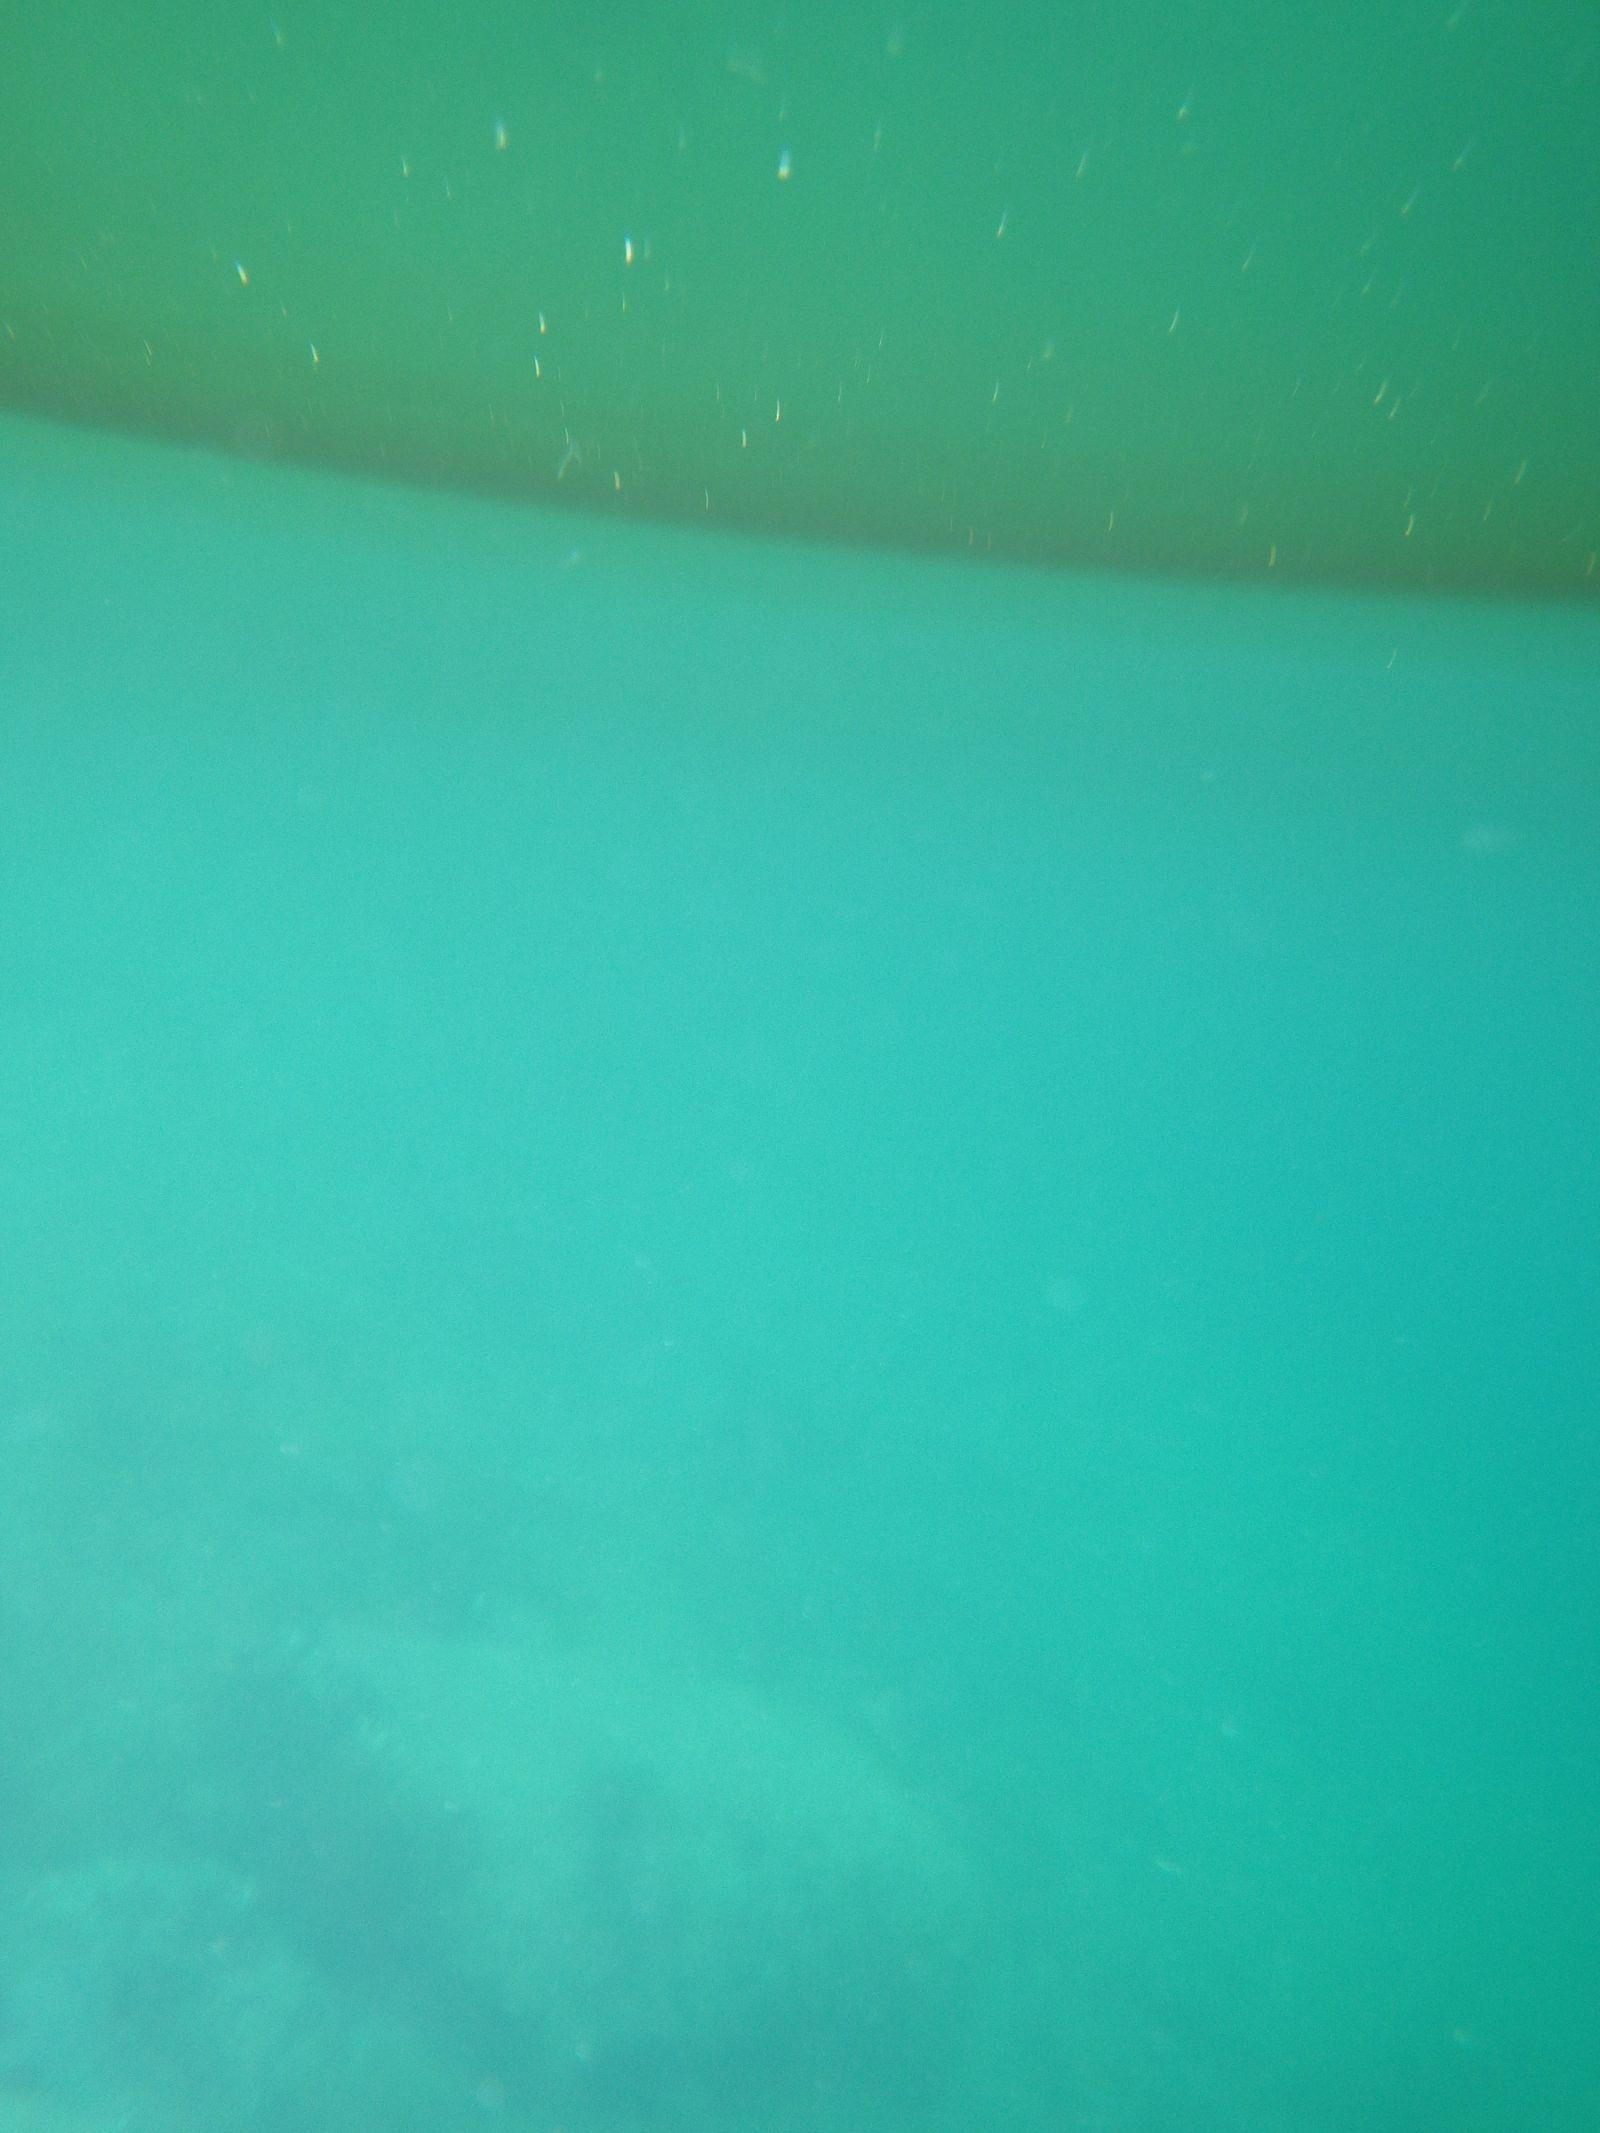 2013-05-30-2155_-_undervandsbillede_5